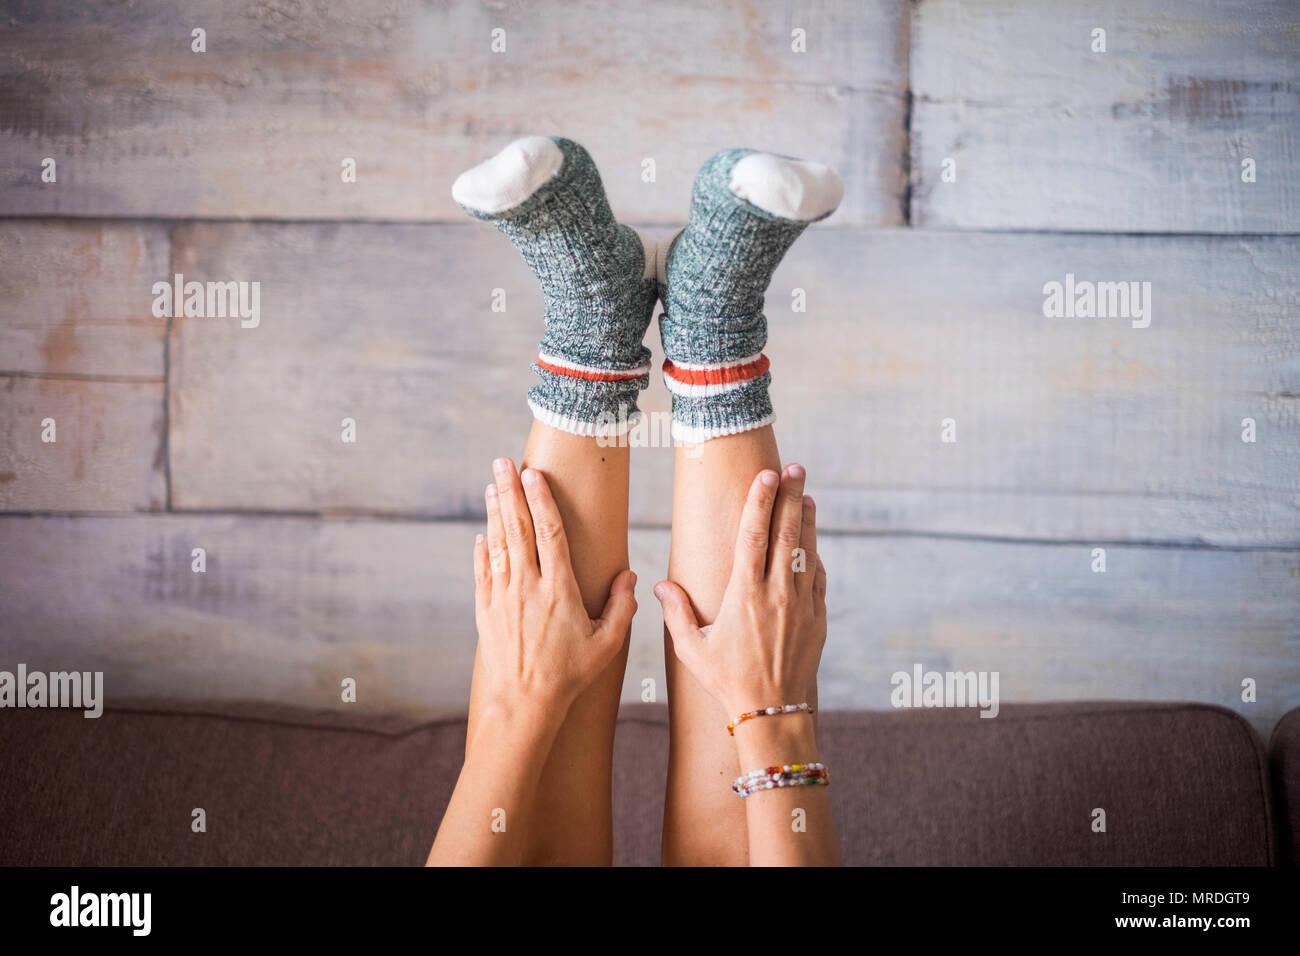 In der Mitte Komposition mit schönen Frau Beine Nachteil mit lustigen und bunten Socken von Hand genommen. alternative Freude und Lifestyle Konzept für in Stockbild